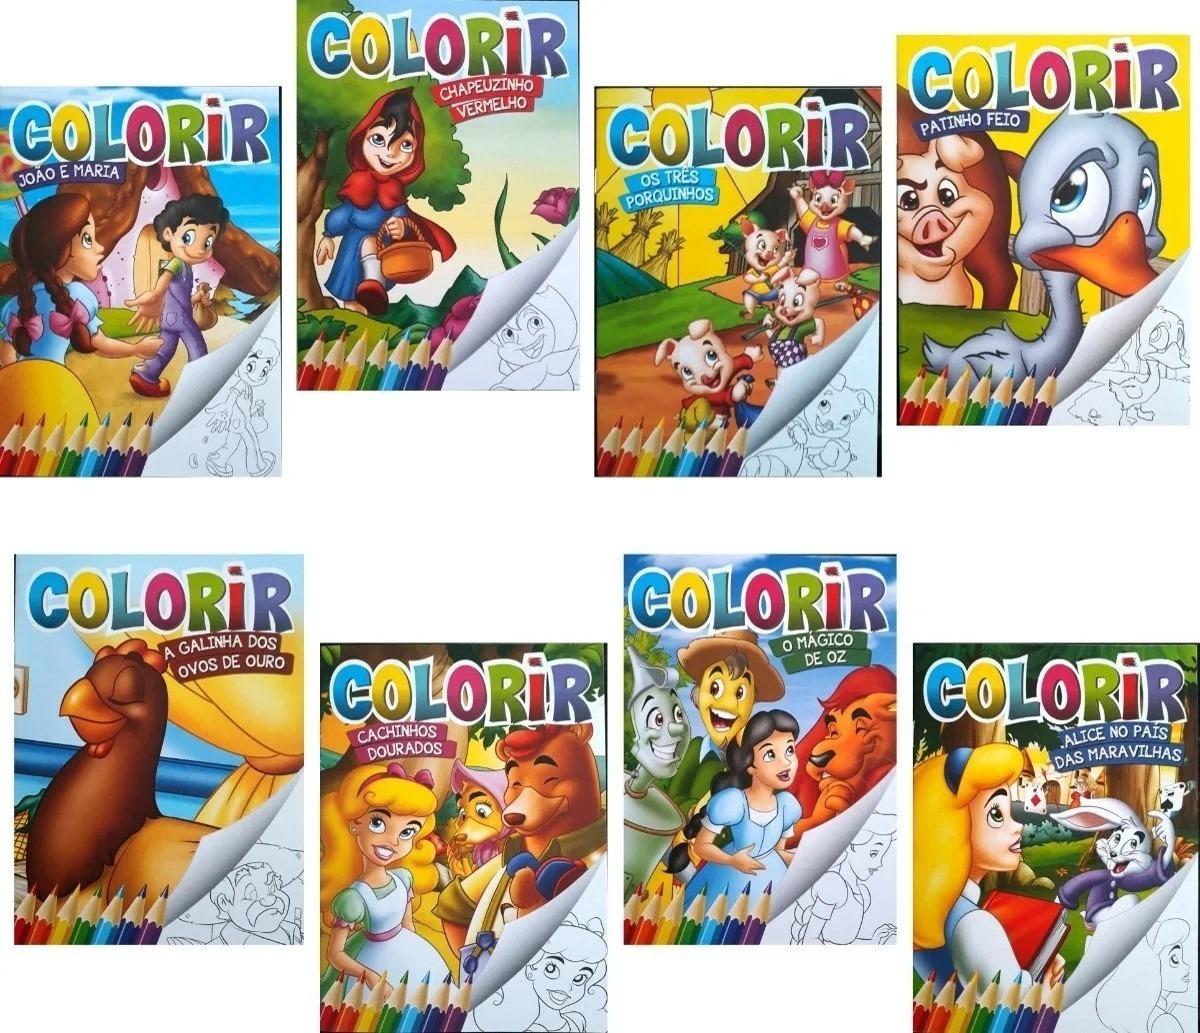 A Galinha Dos Ovo De Ouro Para Colorir 50 livrinhos infantil colorir + 50 cx giz de cera 6 cores